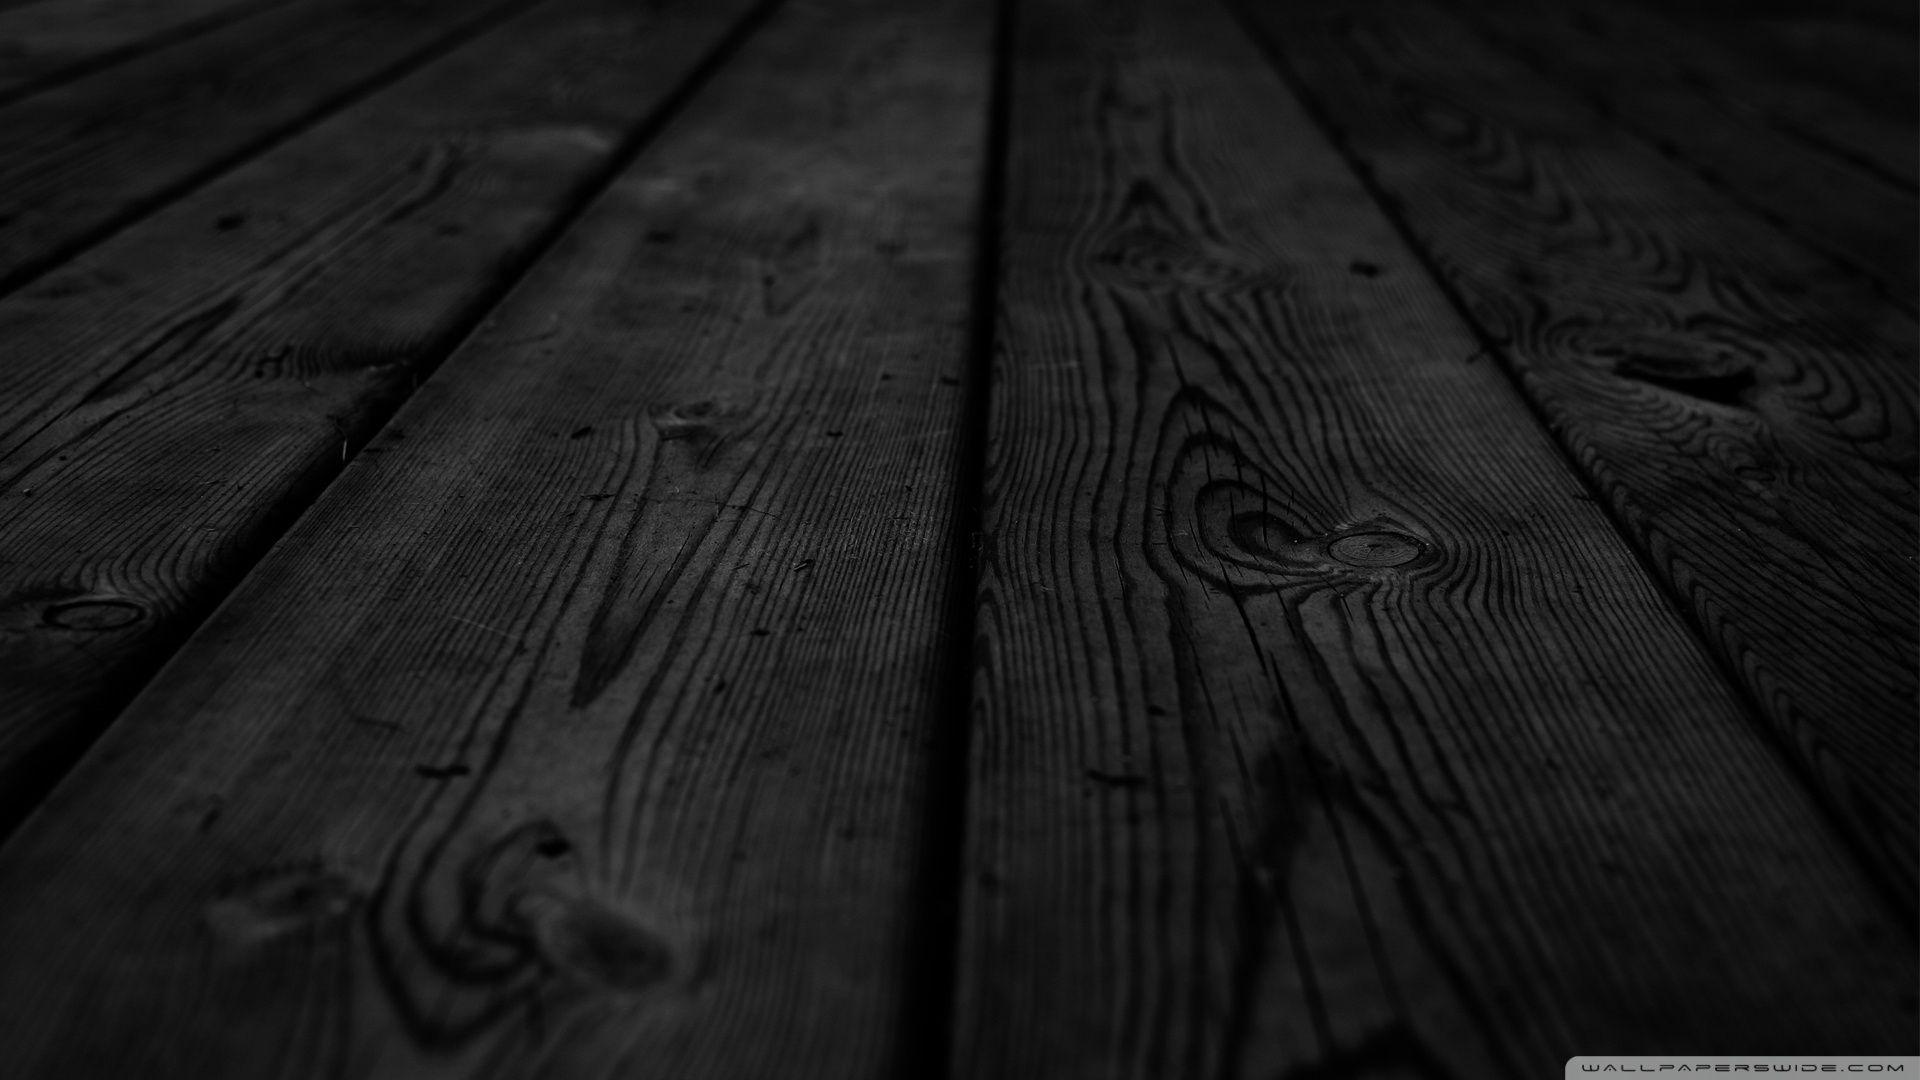 Dark Wood IPad 1 2 Wallpaper | ID: 41749